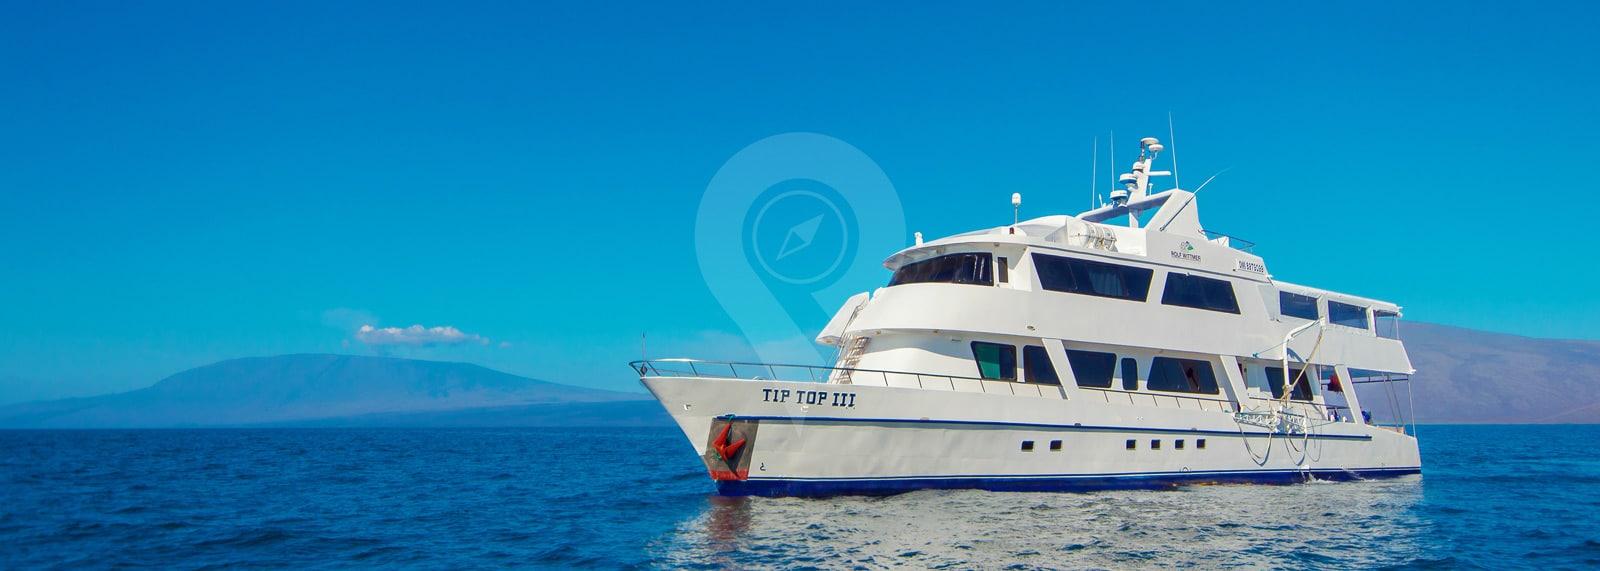 Tip Top 3 Galapagos Yacht